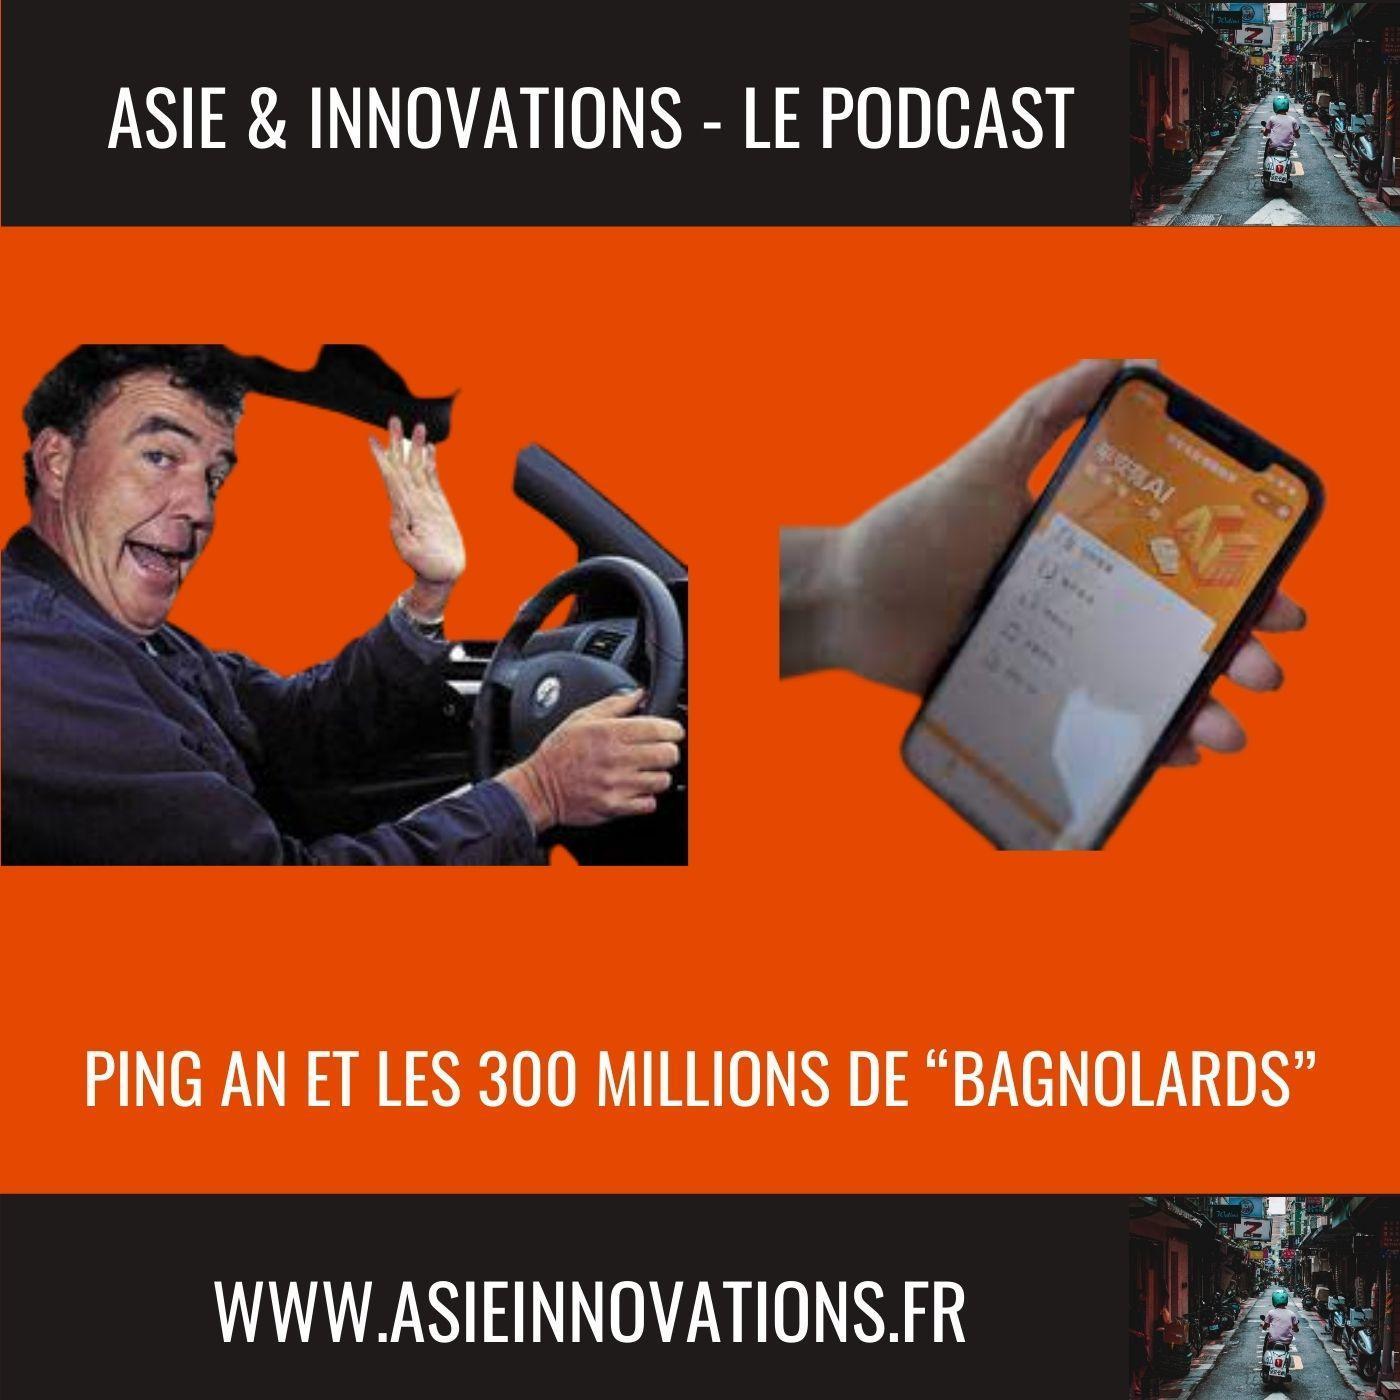 """Ping An et les 300 millions de """"bagnolards"""""""